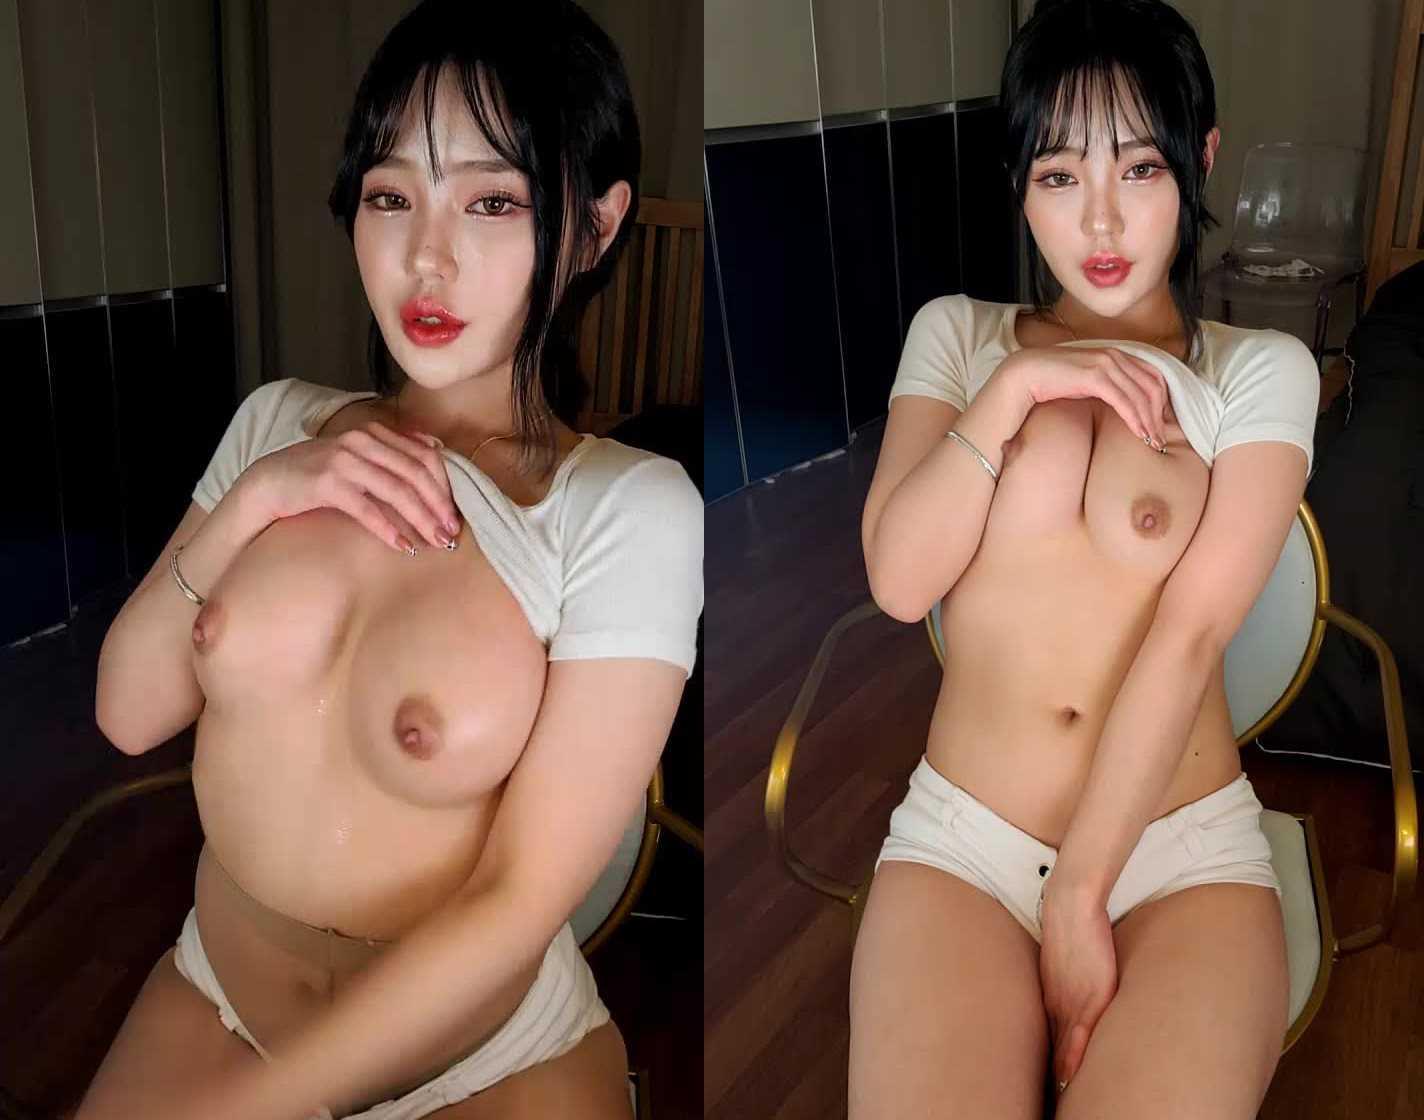 韩国主播茹卡rkawk0702202104152编号43362